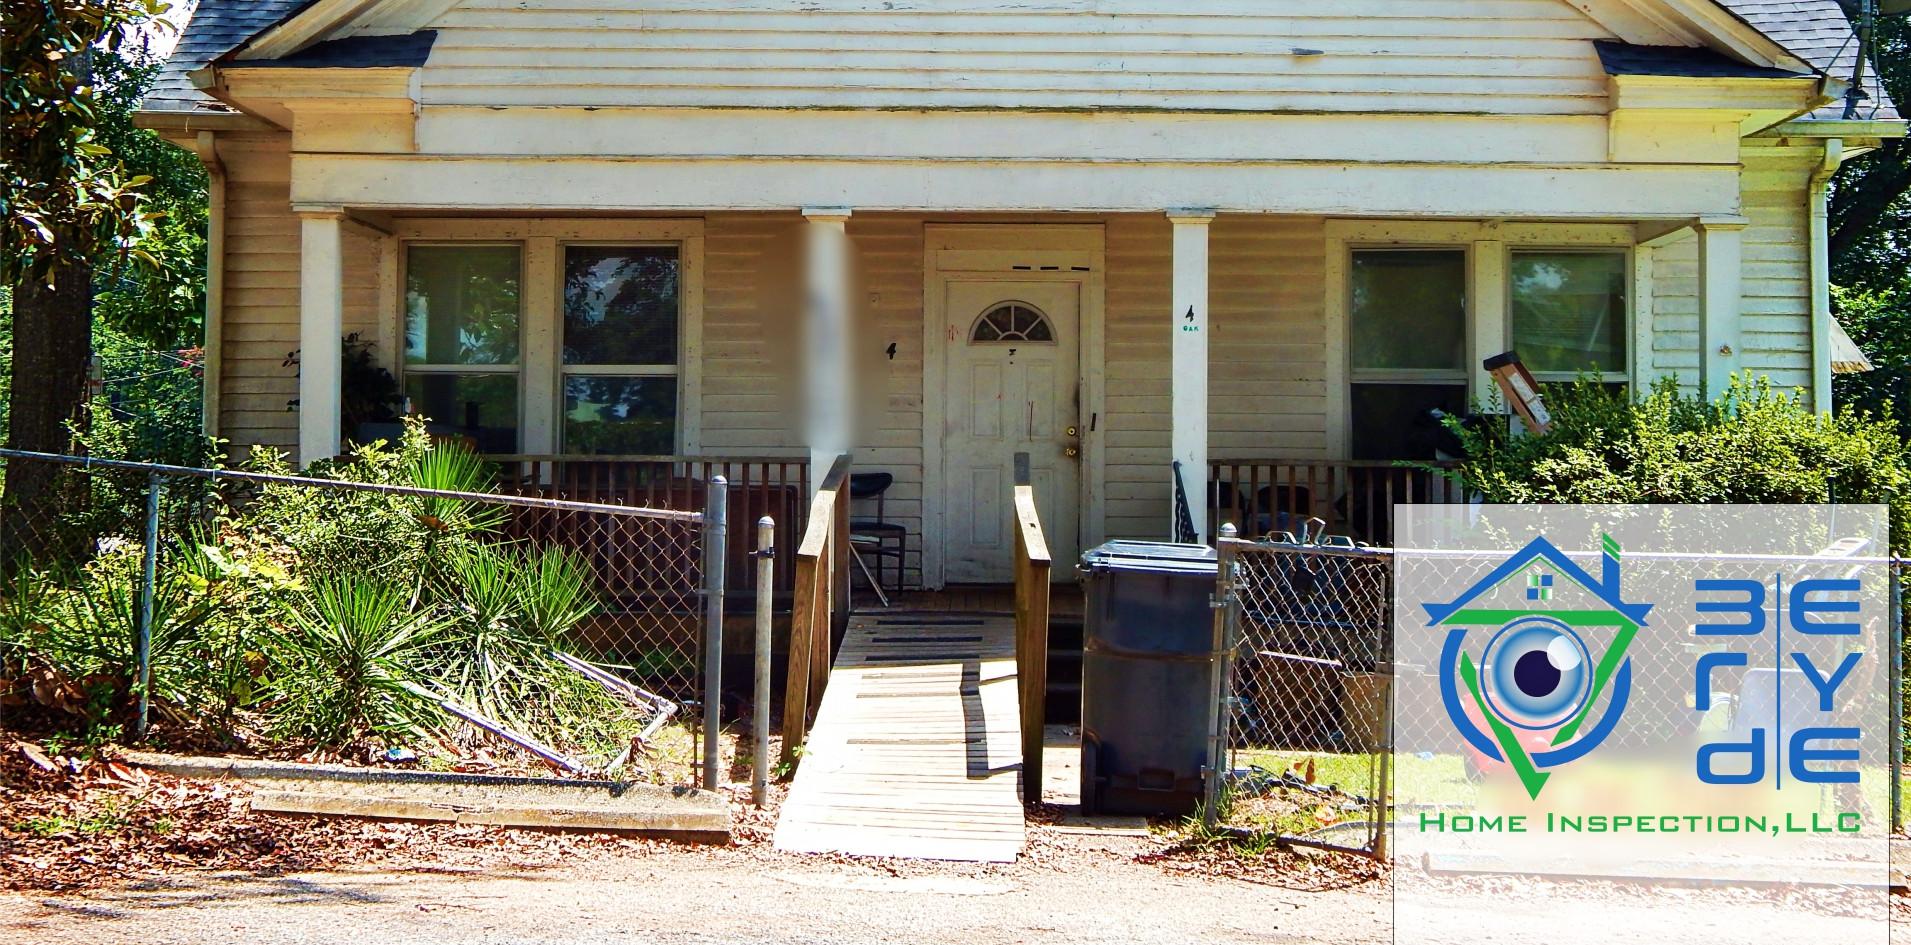 4 Oak street 100yrs old_ 3rd EYE Home In